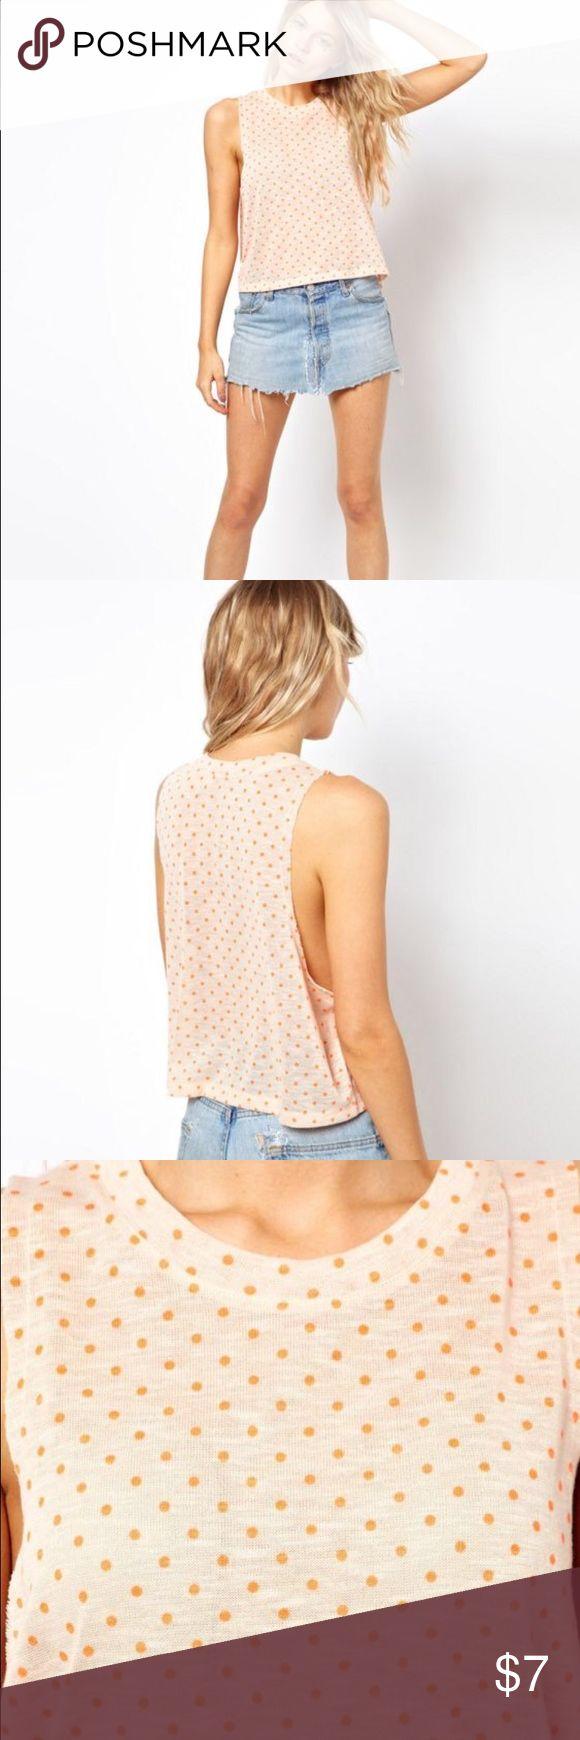 Asos top Cute used crop top. Light Pink with orange dots. ASOS Tops Crop Tops